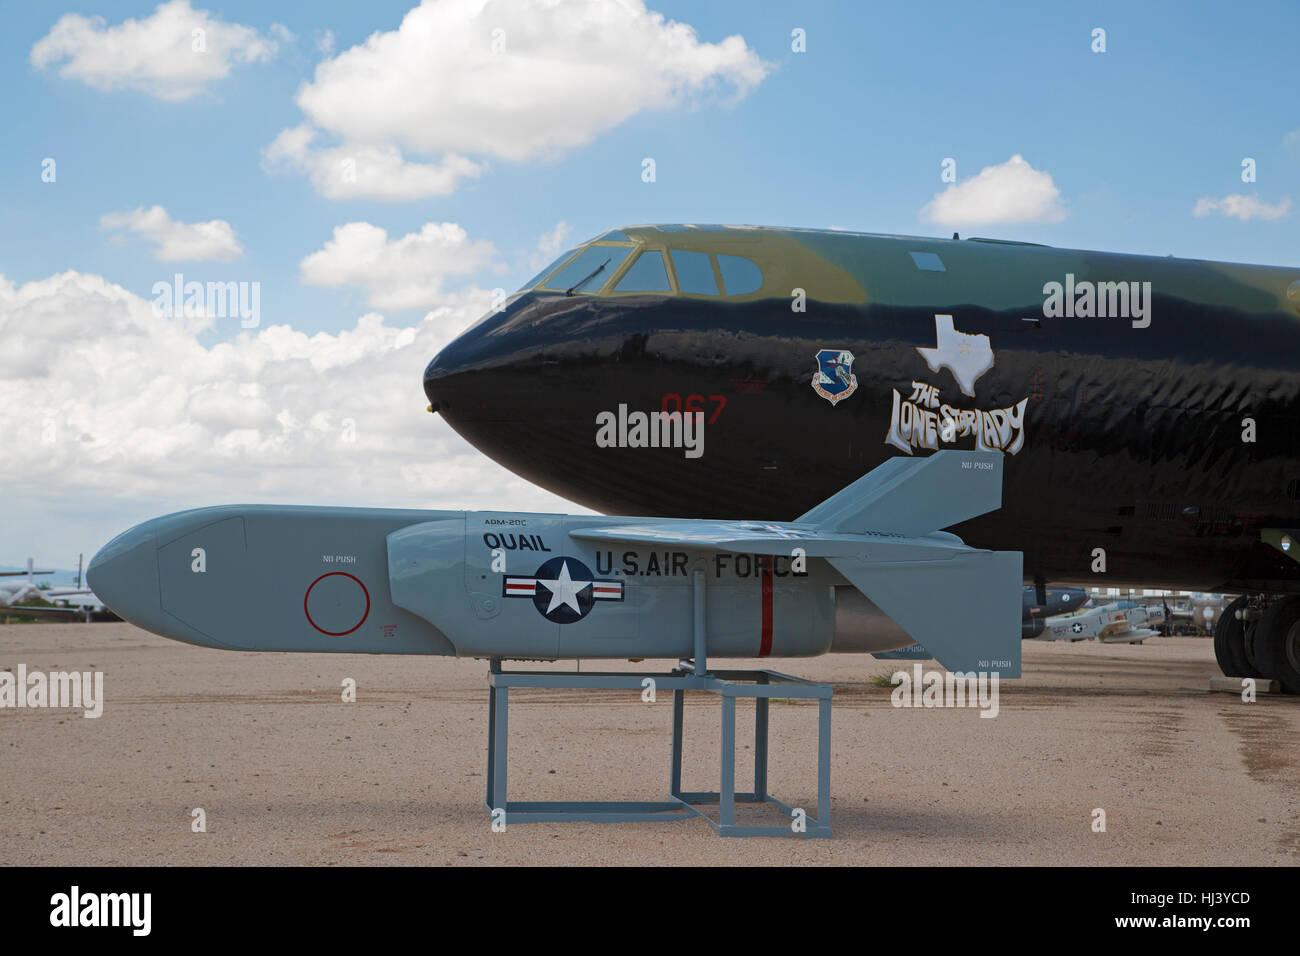 MC Donnell SMA - 20C Caille missiles leurres en face de Boeing B-52 Stratofortress D Bomber sur l'affichage à Pima Air & Space Museum Banque D'Images